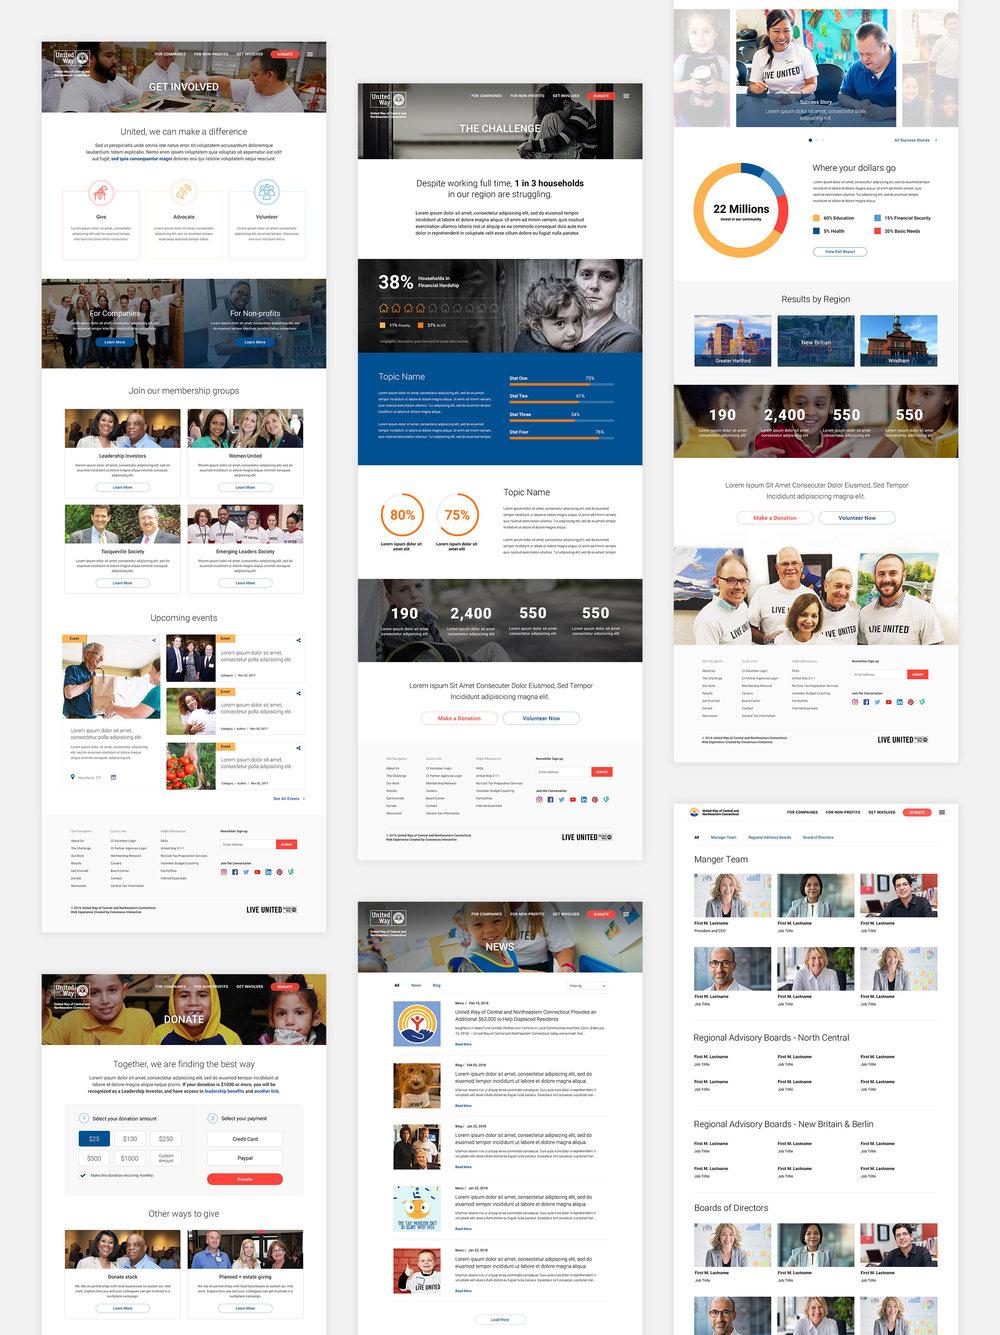 UW-Webpages.jpg